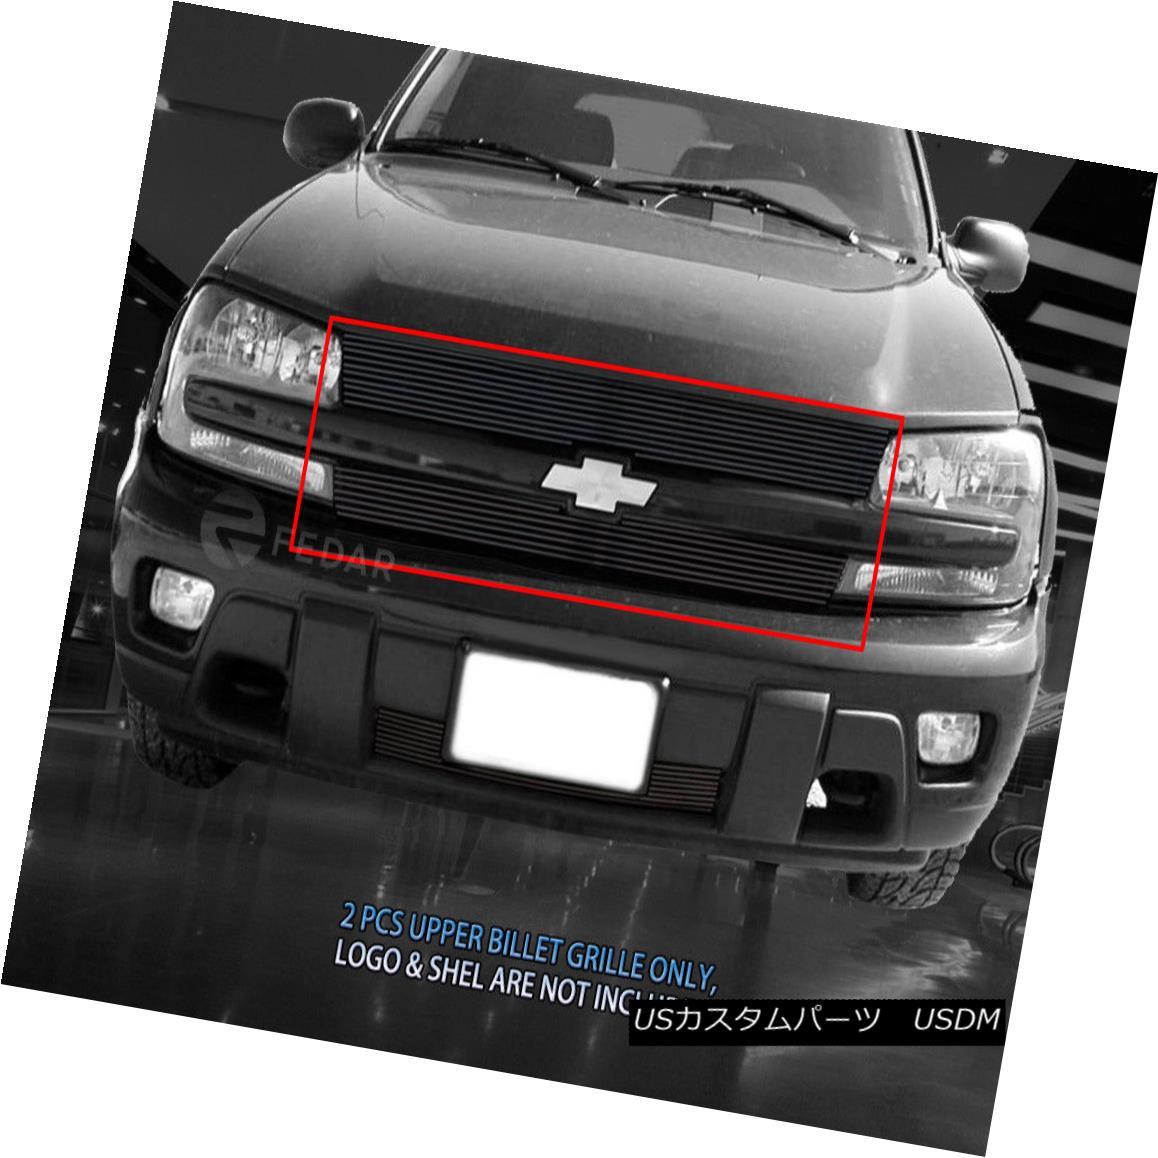 グリル 02-05 Chevy Trailblazer Black Billet Grille Combo Insert Fedar 02-05 Chevy Trailblazer Black Billet GrilleコンボインサートFedar